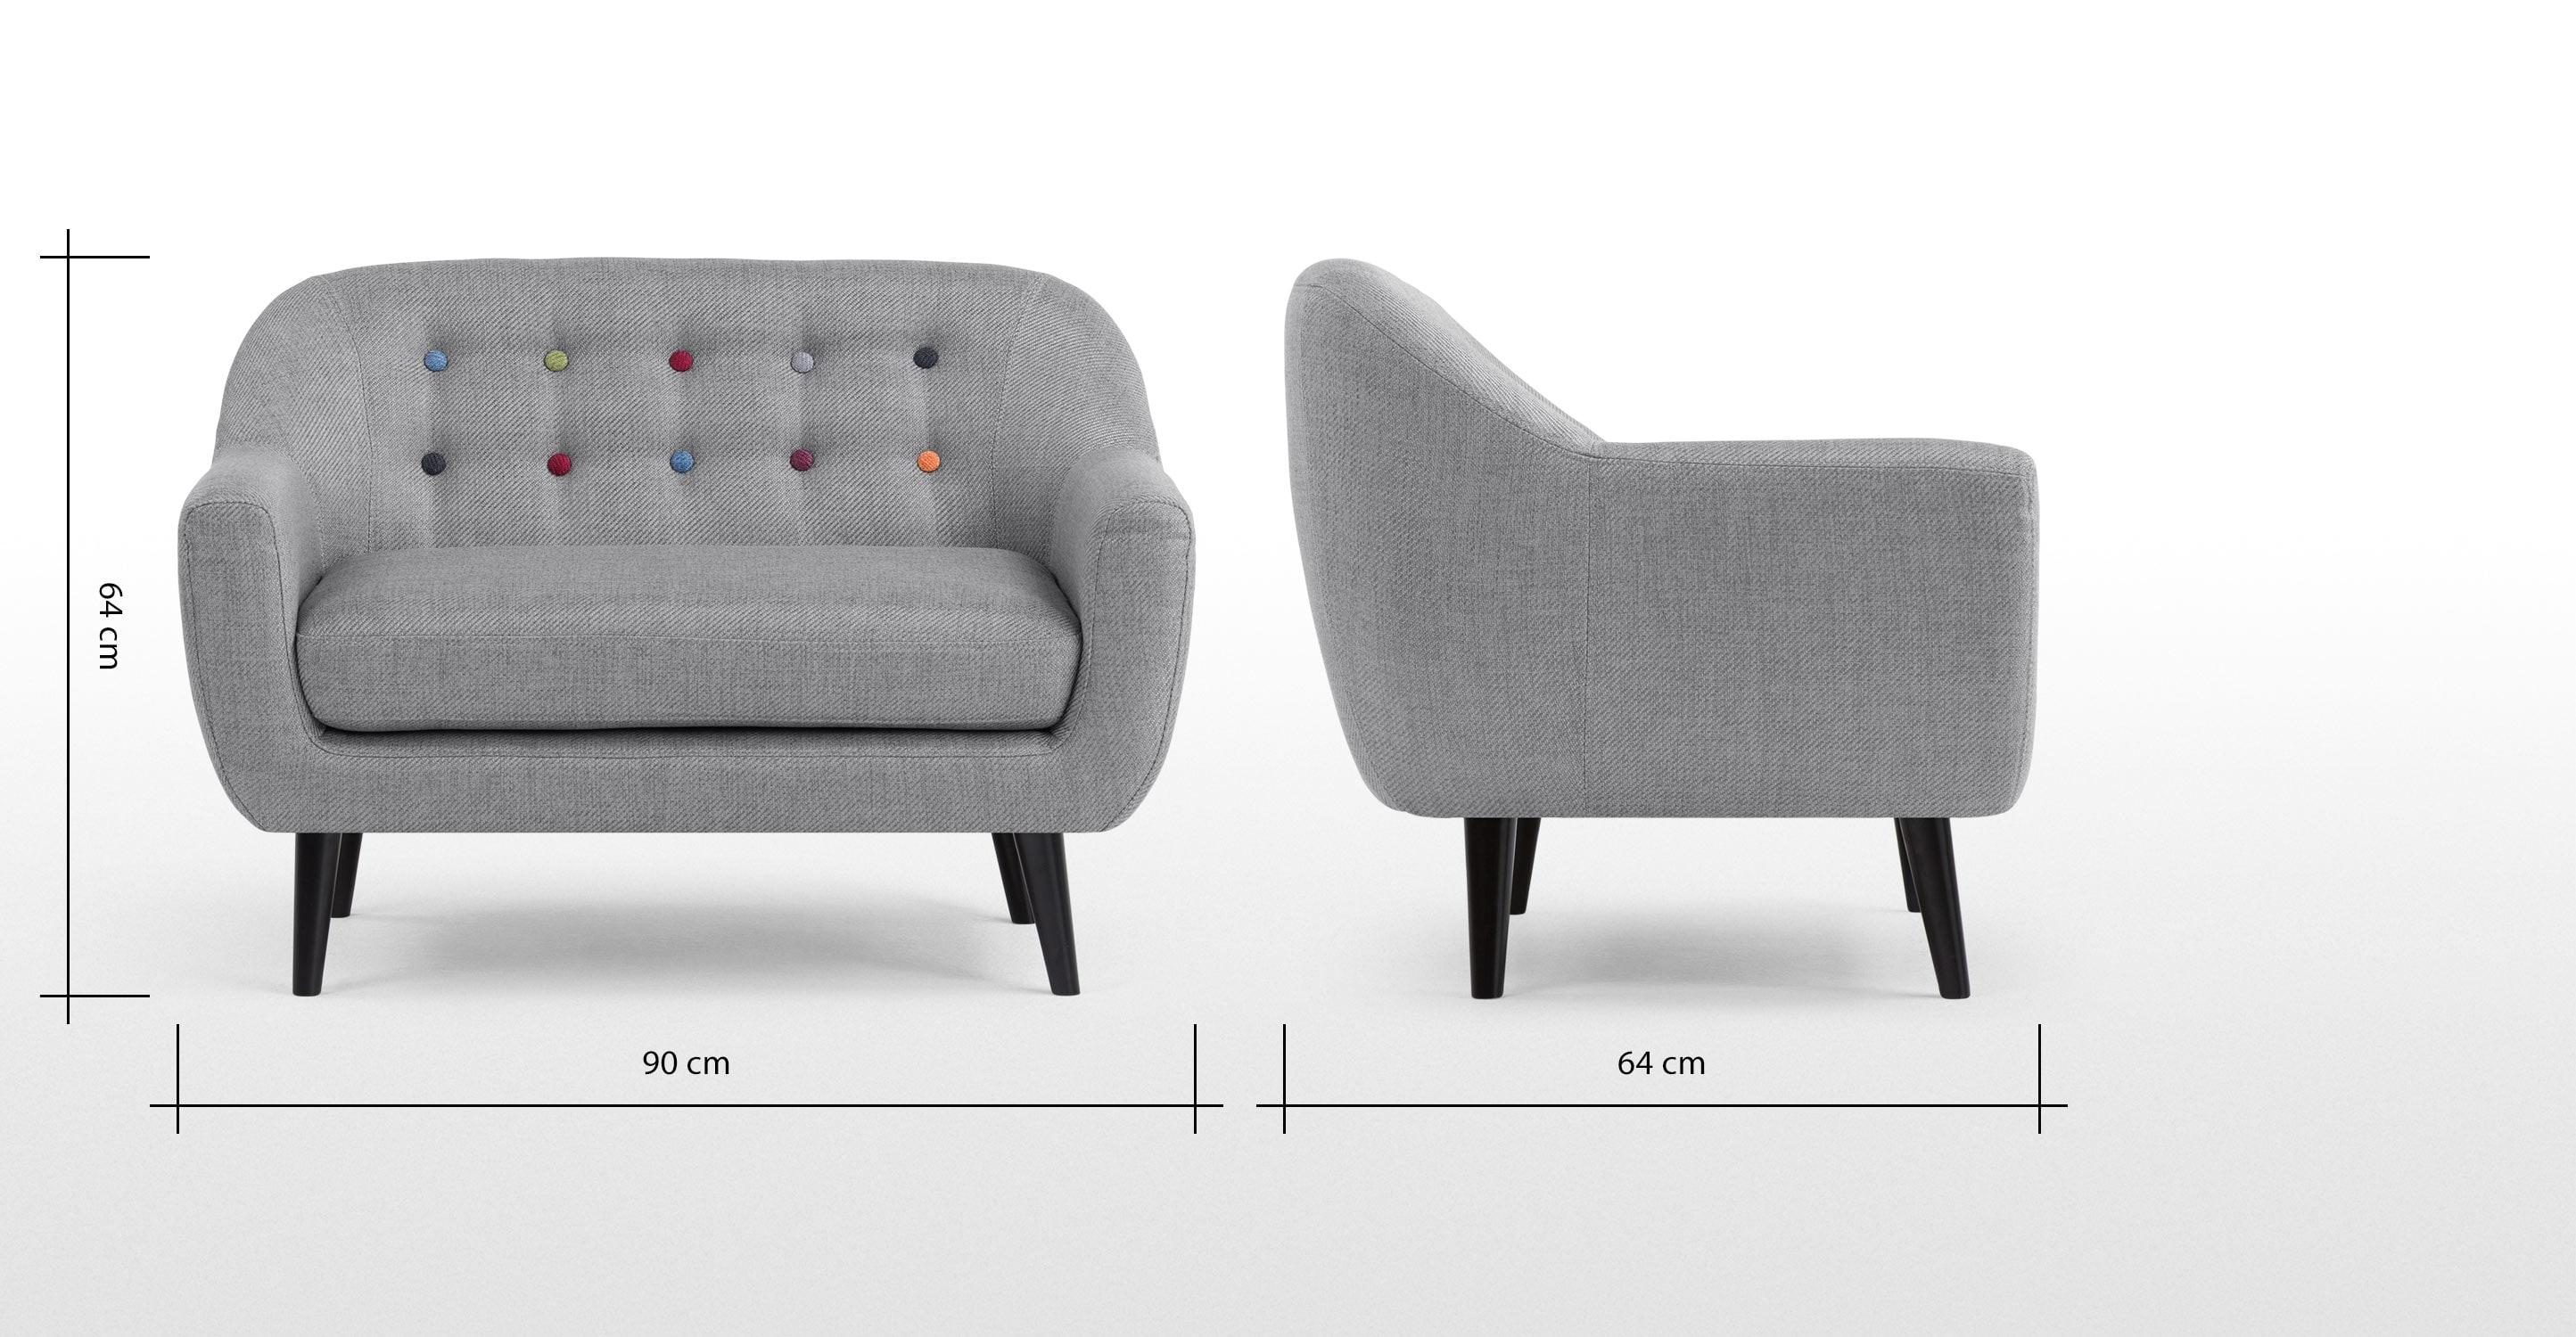 Awesome Mini Sofa 78 In Modern Sofa Ideas With Mini Sofa With Regard To Mini Sofas (View 3 of 10)